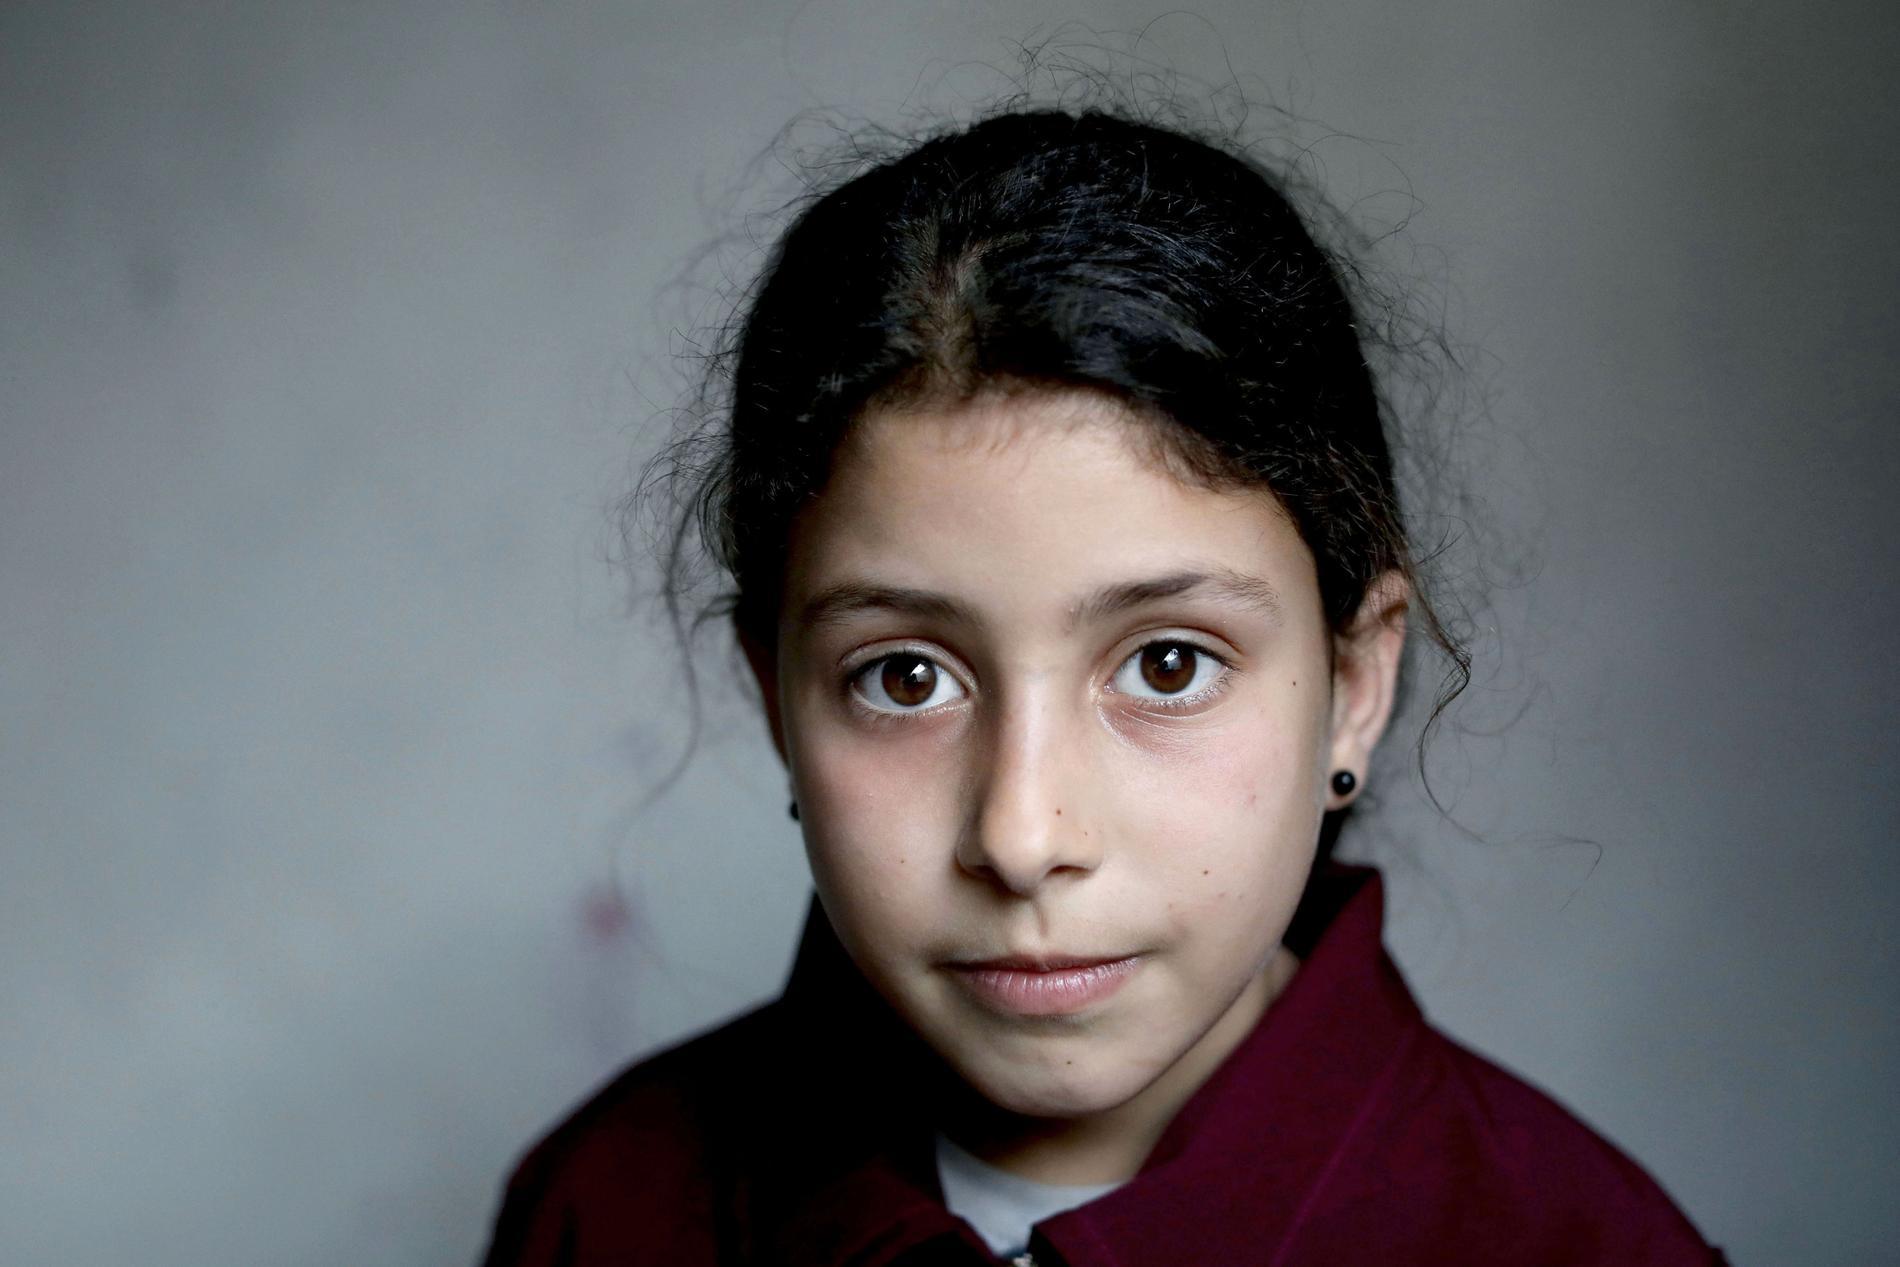 Sama Nasir, 10, var glad över att ha fått ett eget rum tillsammans med sin syster i familjens nya större hem. Sen kom bomberna. Nu vet familjen inte var de ska bo.